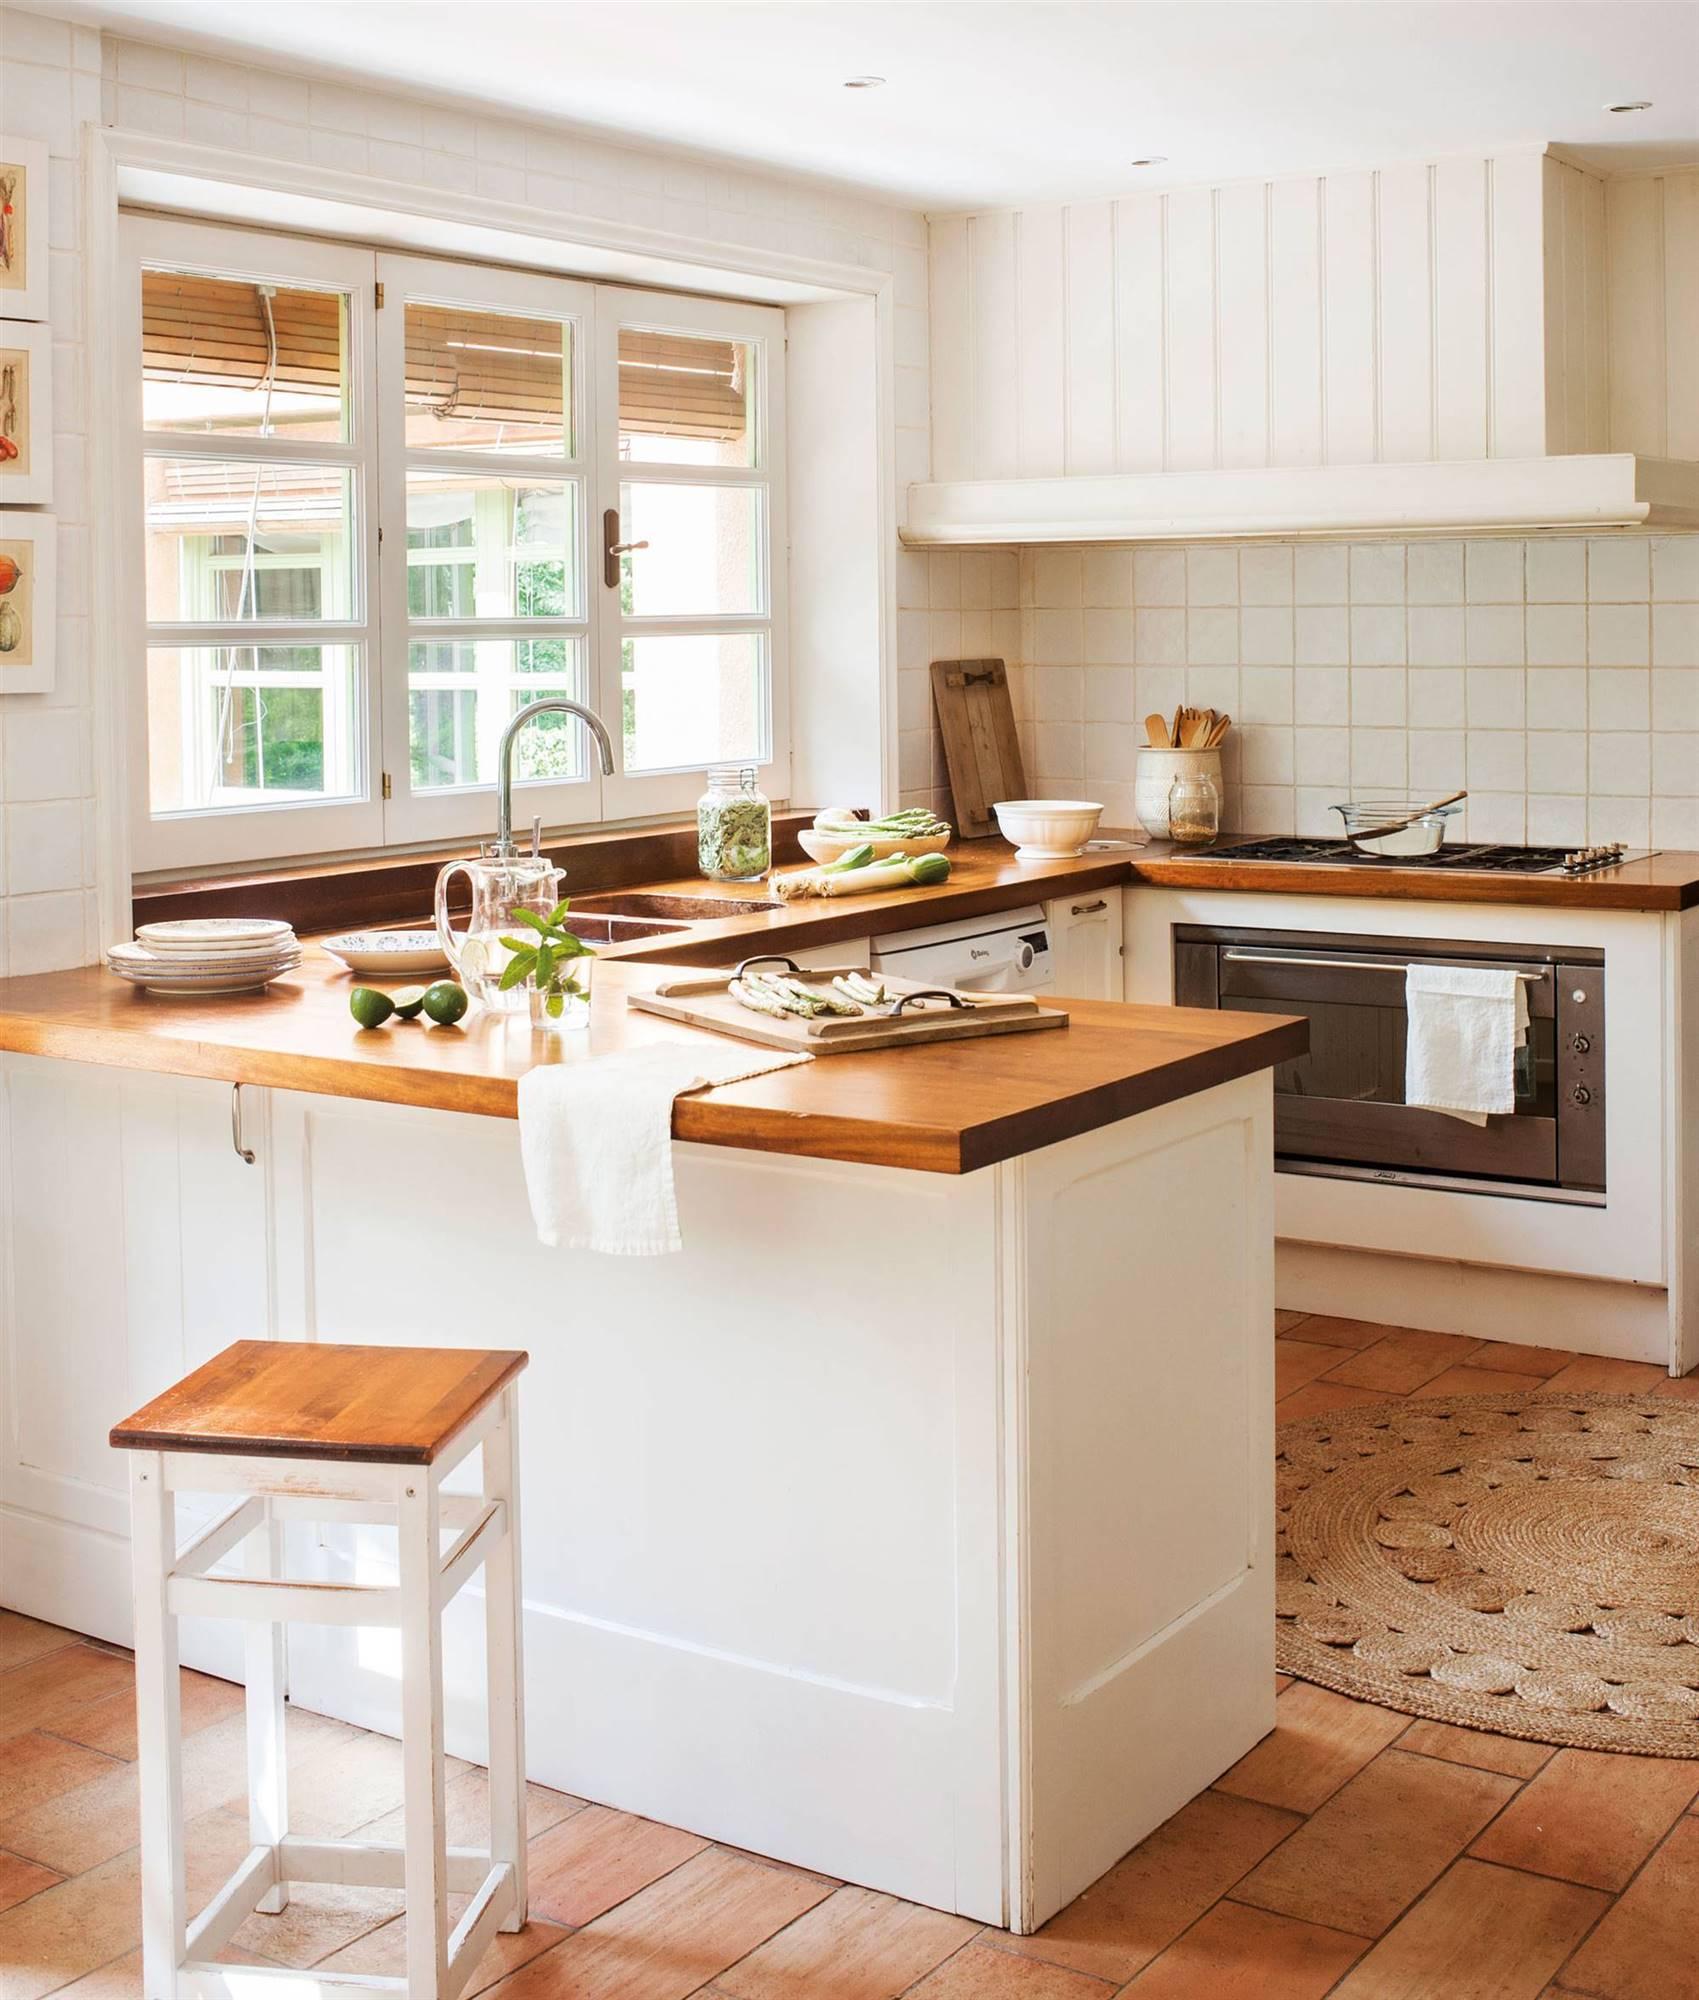 65 Cocinas Rústicas Bonitas Con Muebles Vintage Y Mucho Encanto